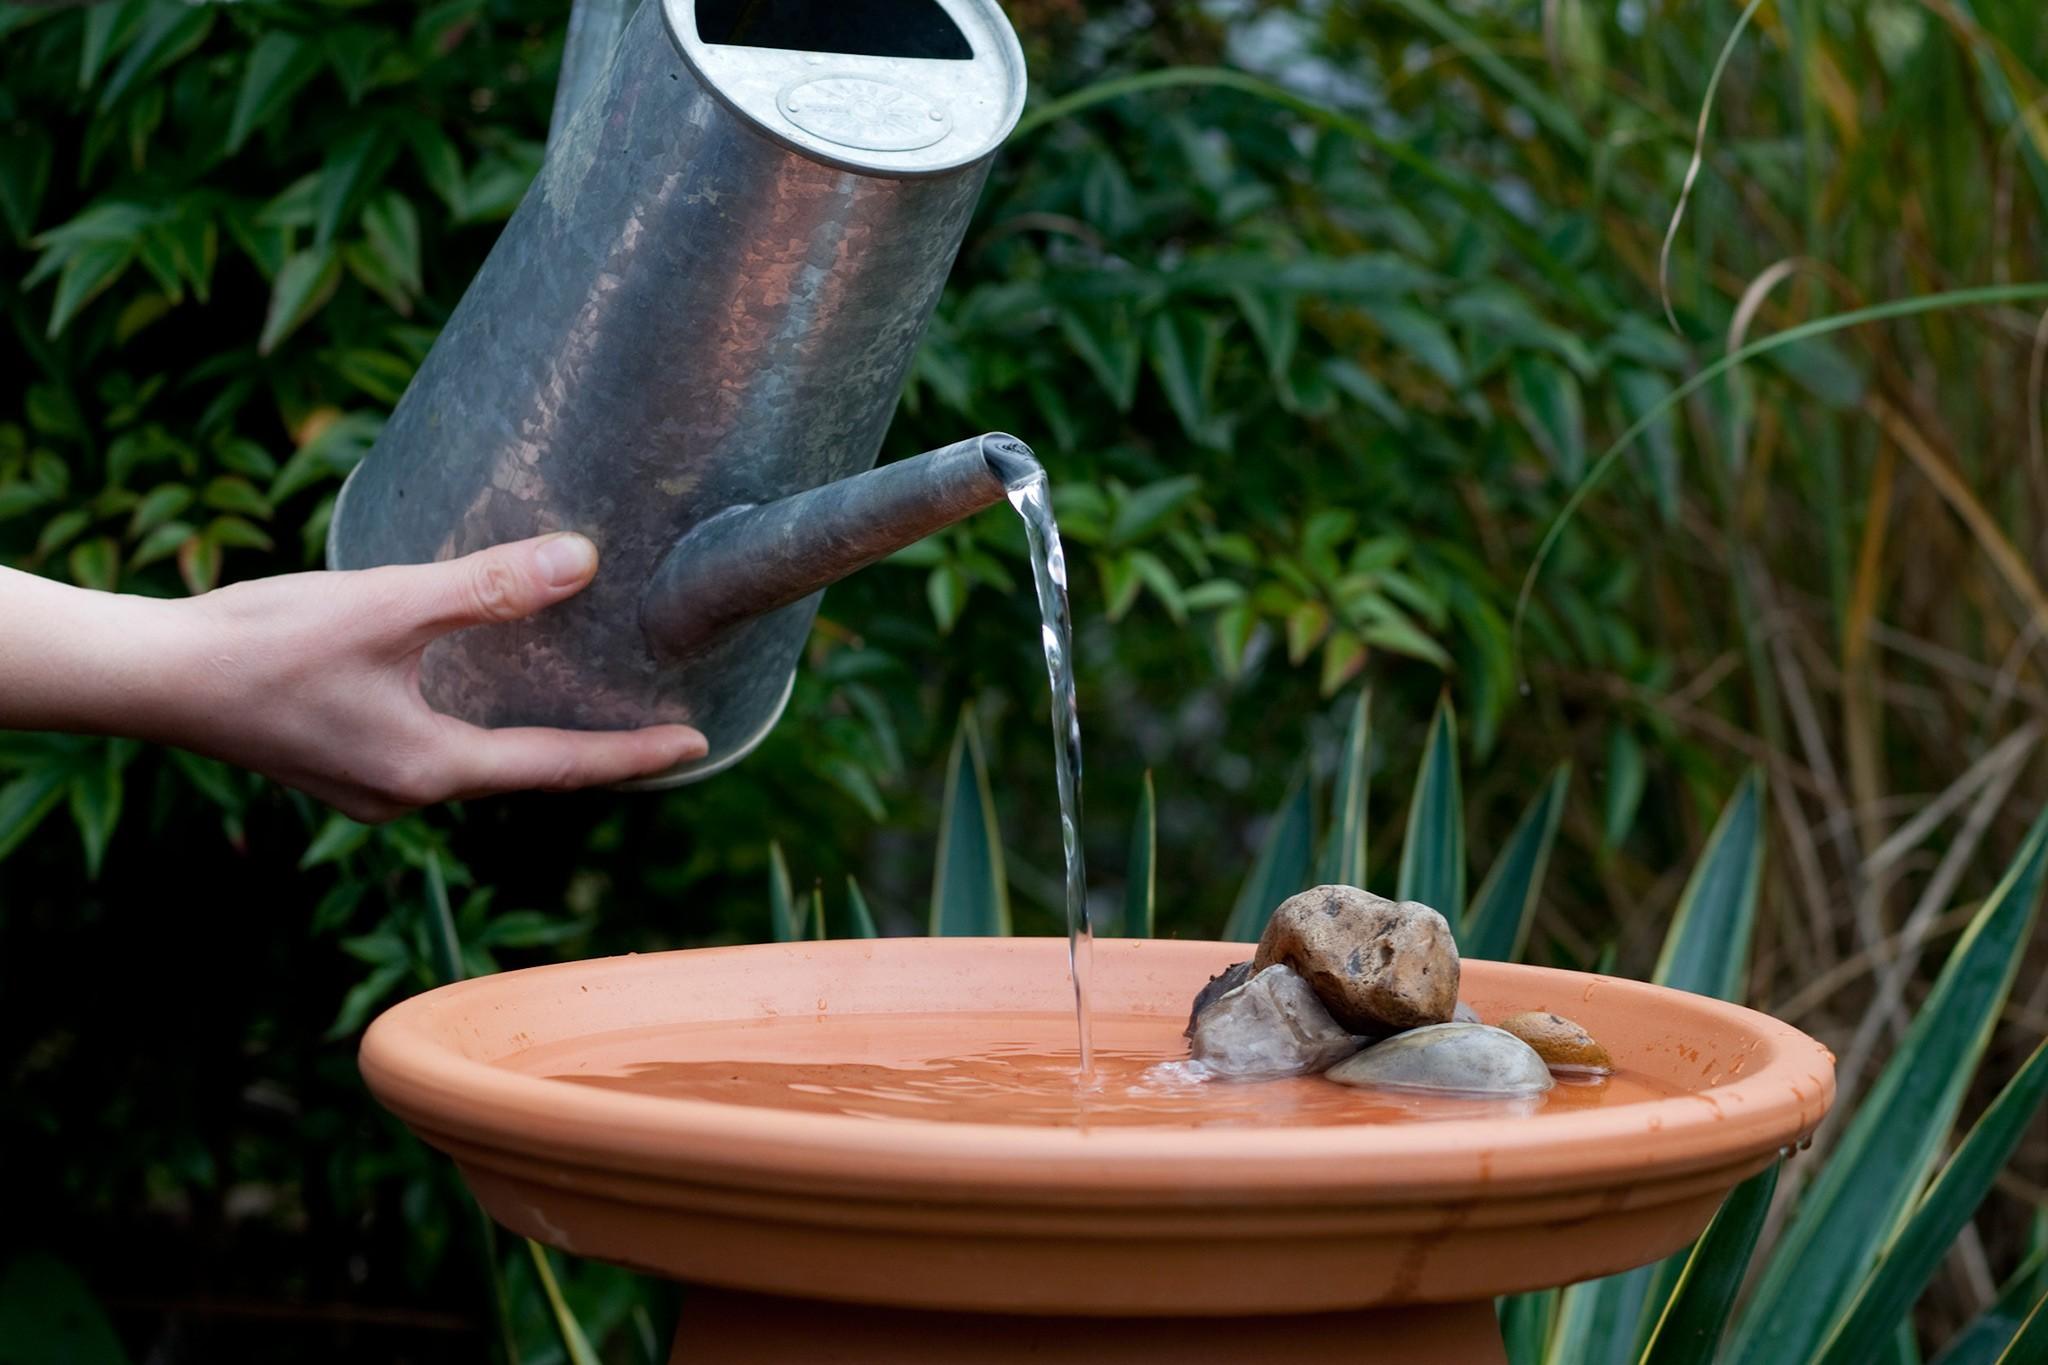 Pot and saucer bird bath